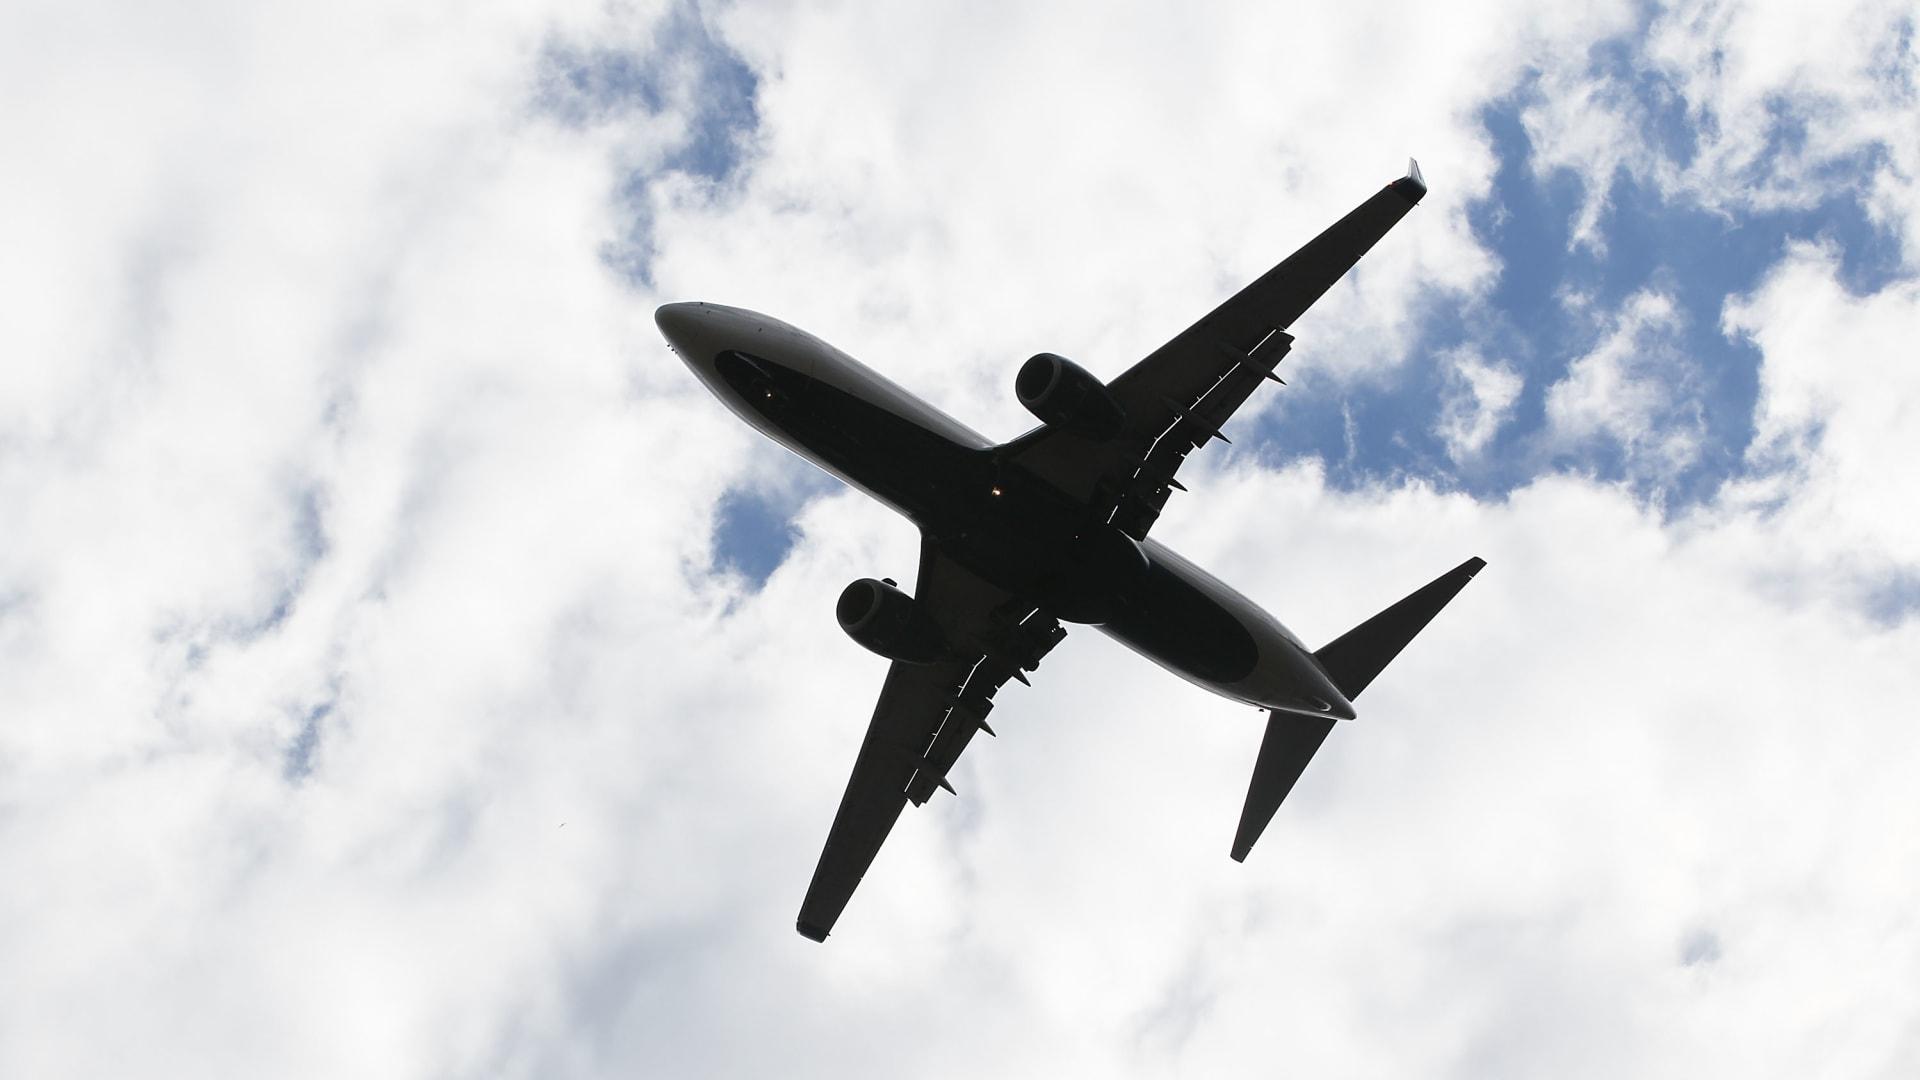 مسؤول أمريكي لـCNN: معلومات حول مخططات القاعدة وراء حظر الإلكترونيات على الطائرات